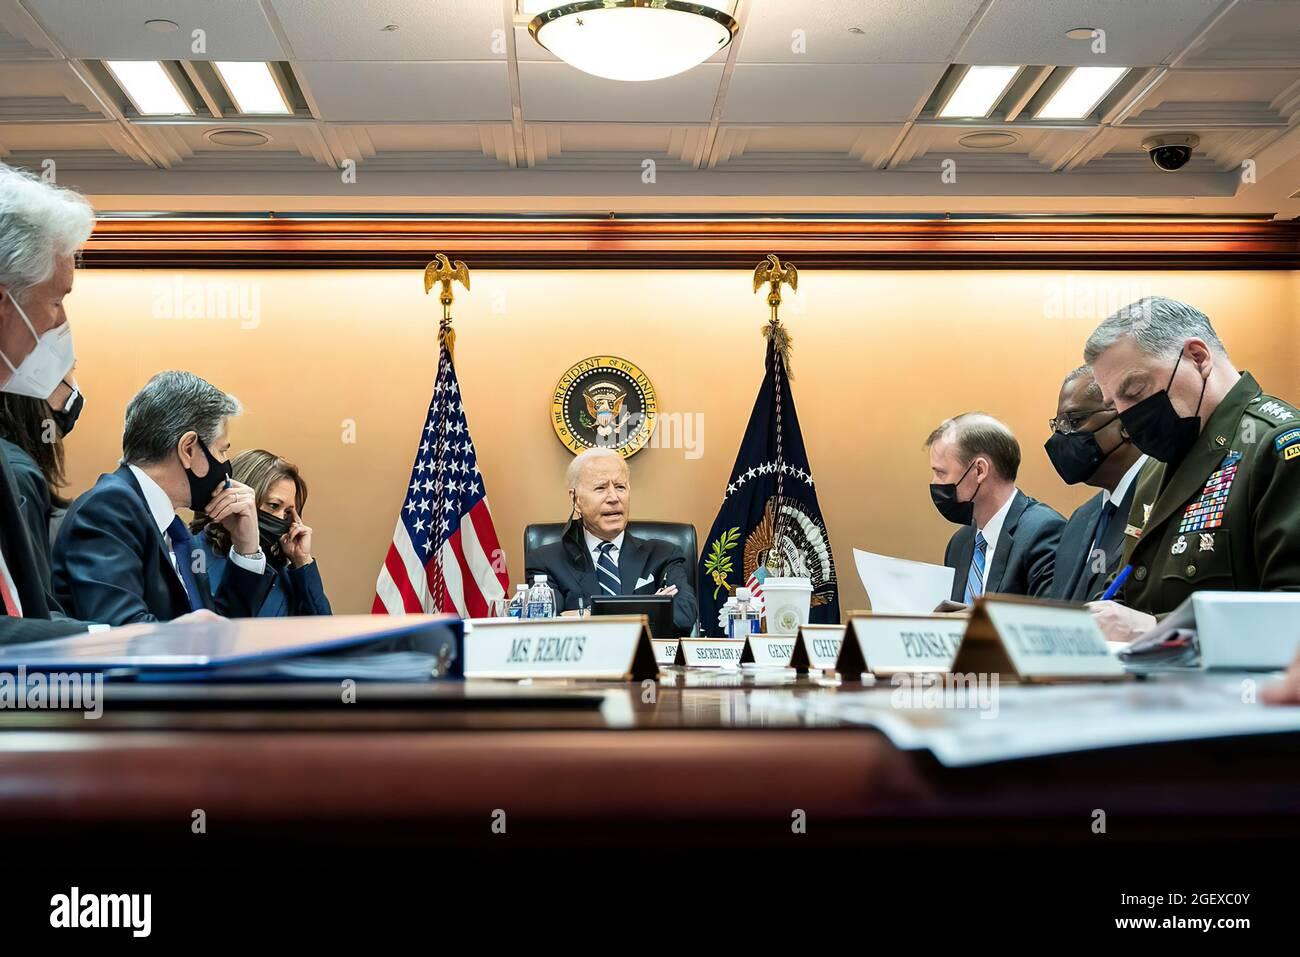 Der Präsident traf sich mit seinem nationalen Sicherheitsteam und später mit Kabinettsmitgliedern, um über die Sicherheitslage in Afghanistan, Terrorismusbekämpfung, Evakuierungsbemühungen und intensive diplomatische Bemühungen zum Abschluss von Vereinbarungen mit zusätzlichen Transitzentren von Drittstaaten zu sprechen. Stockfoto